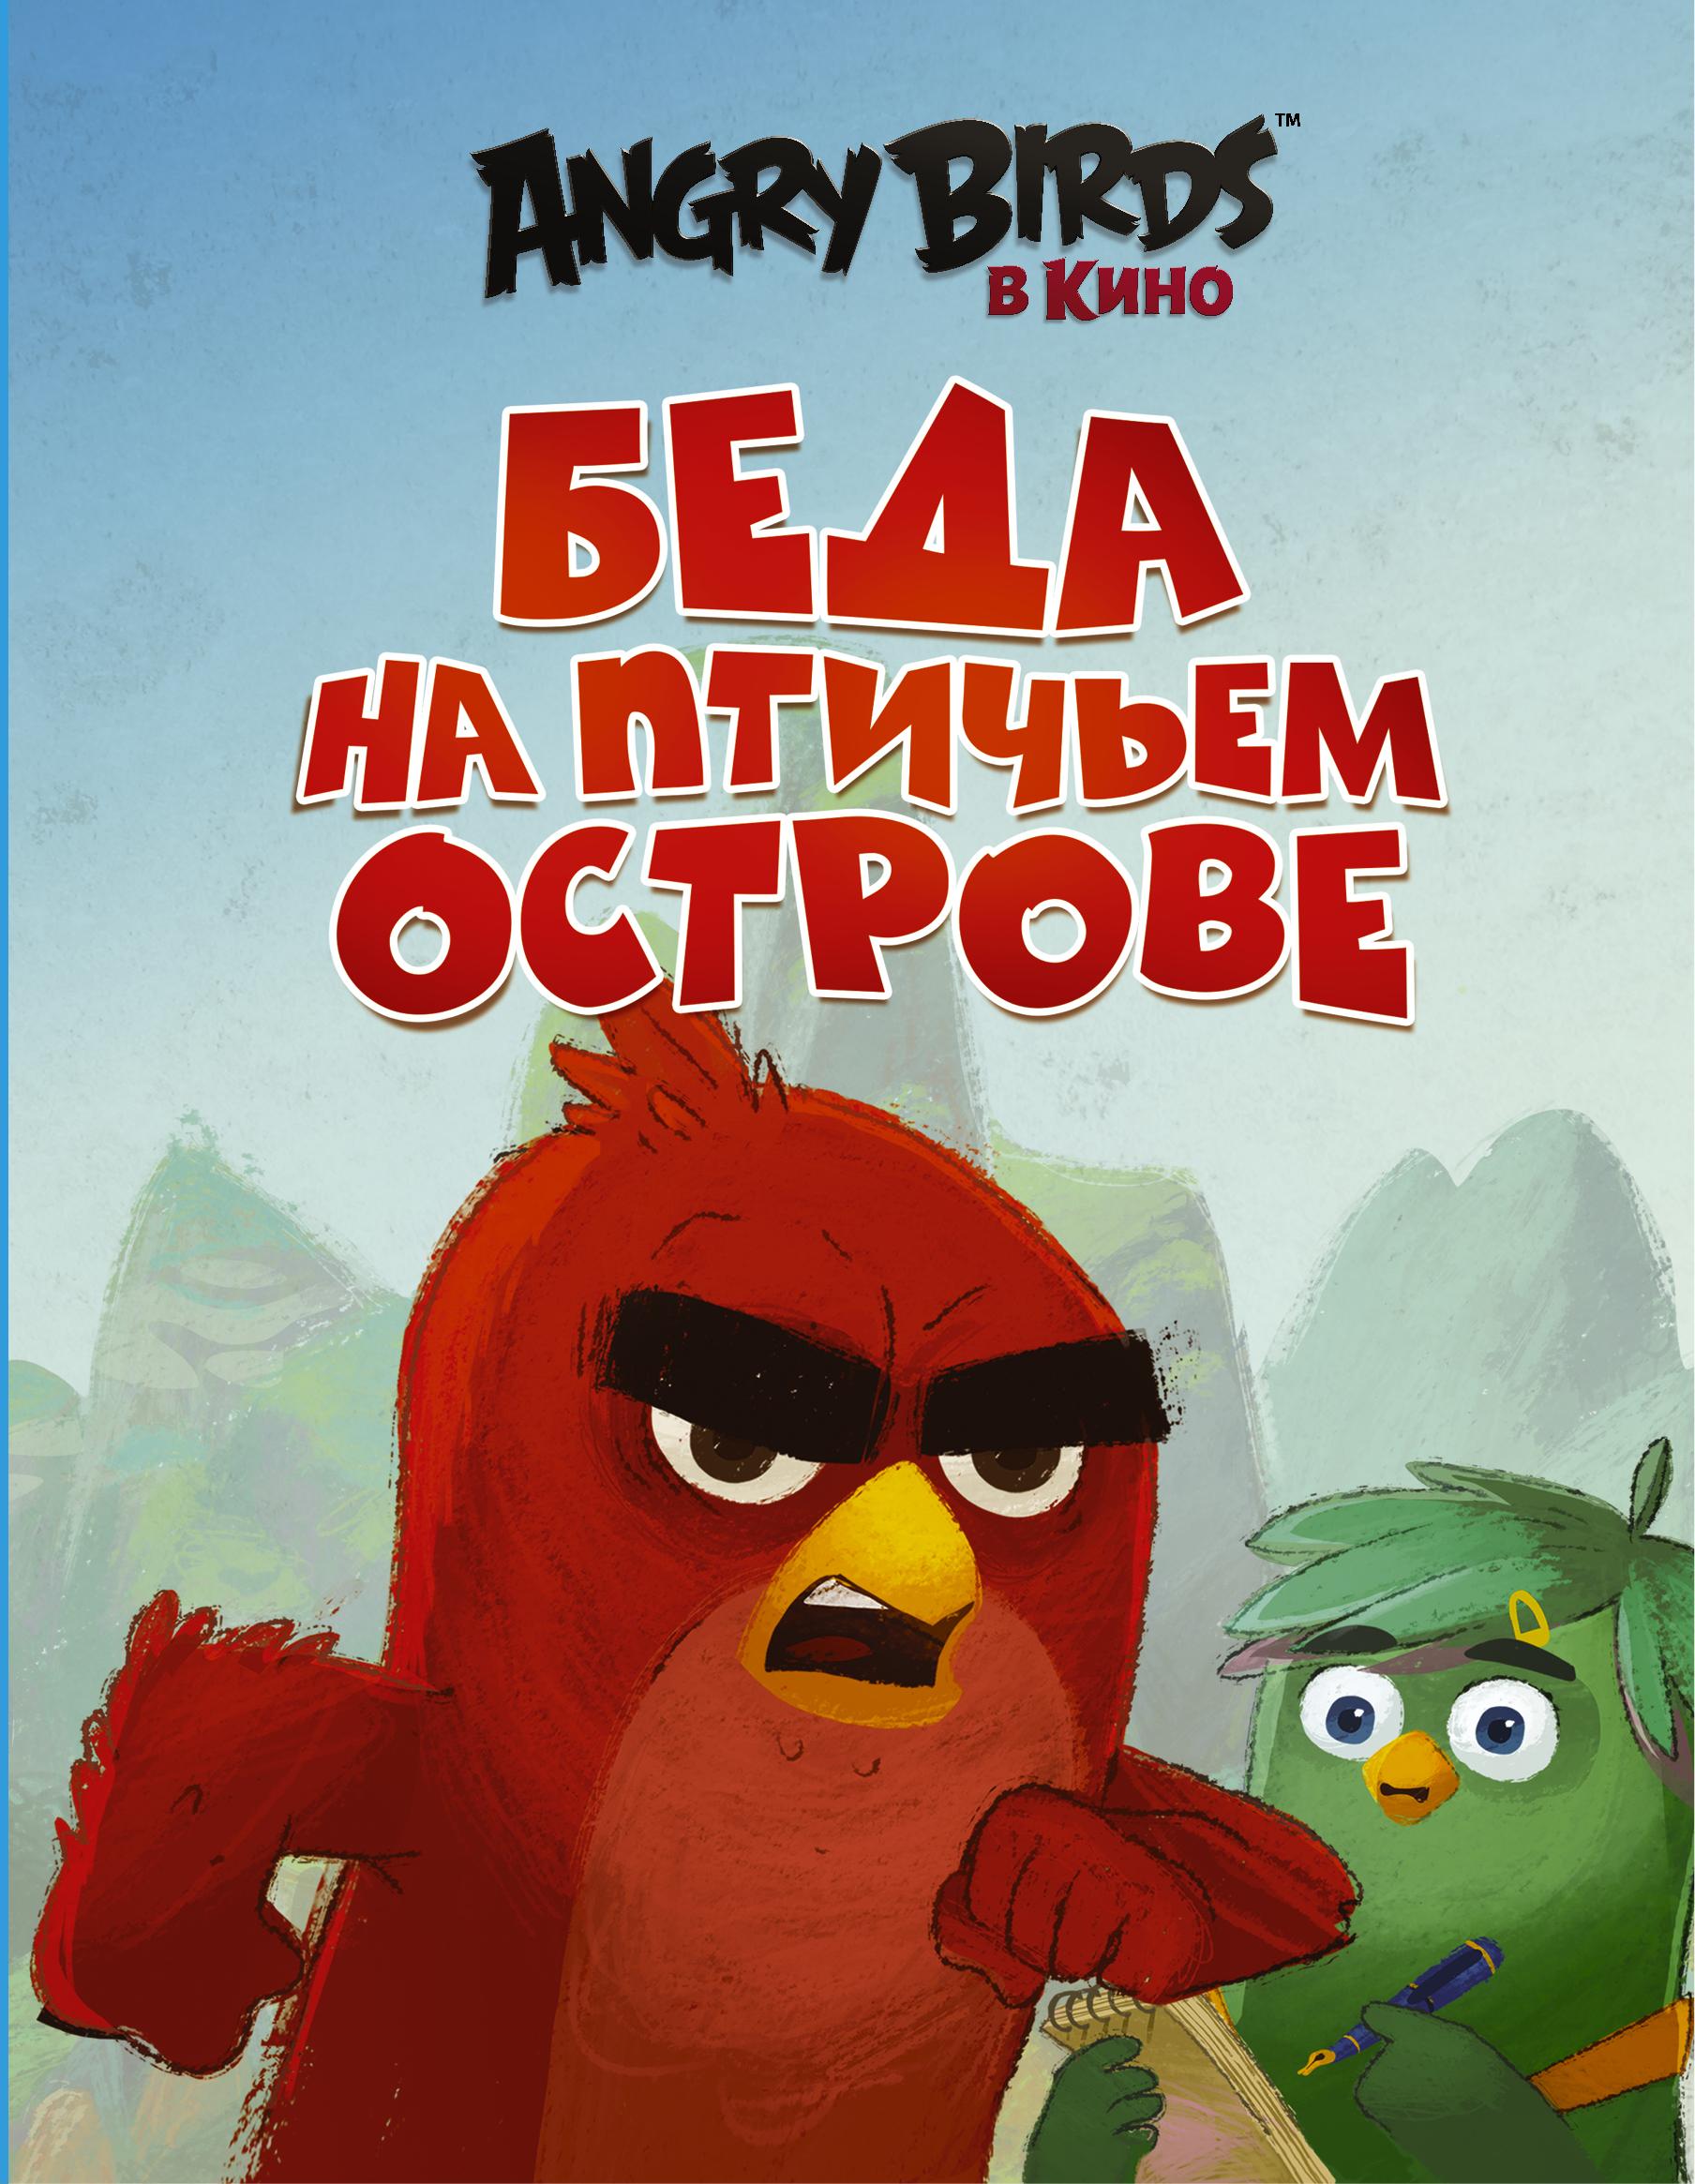 Сара Стивенс Angry Birds. Беда на Птичьем острове цена 2017